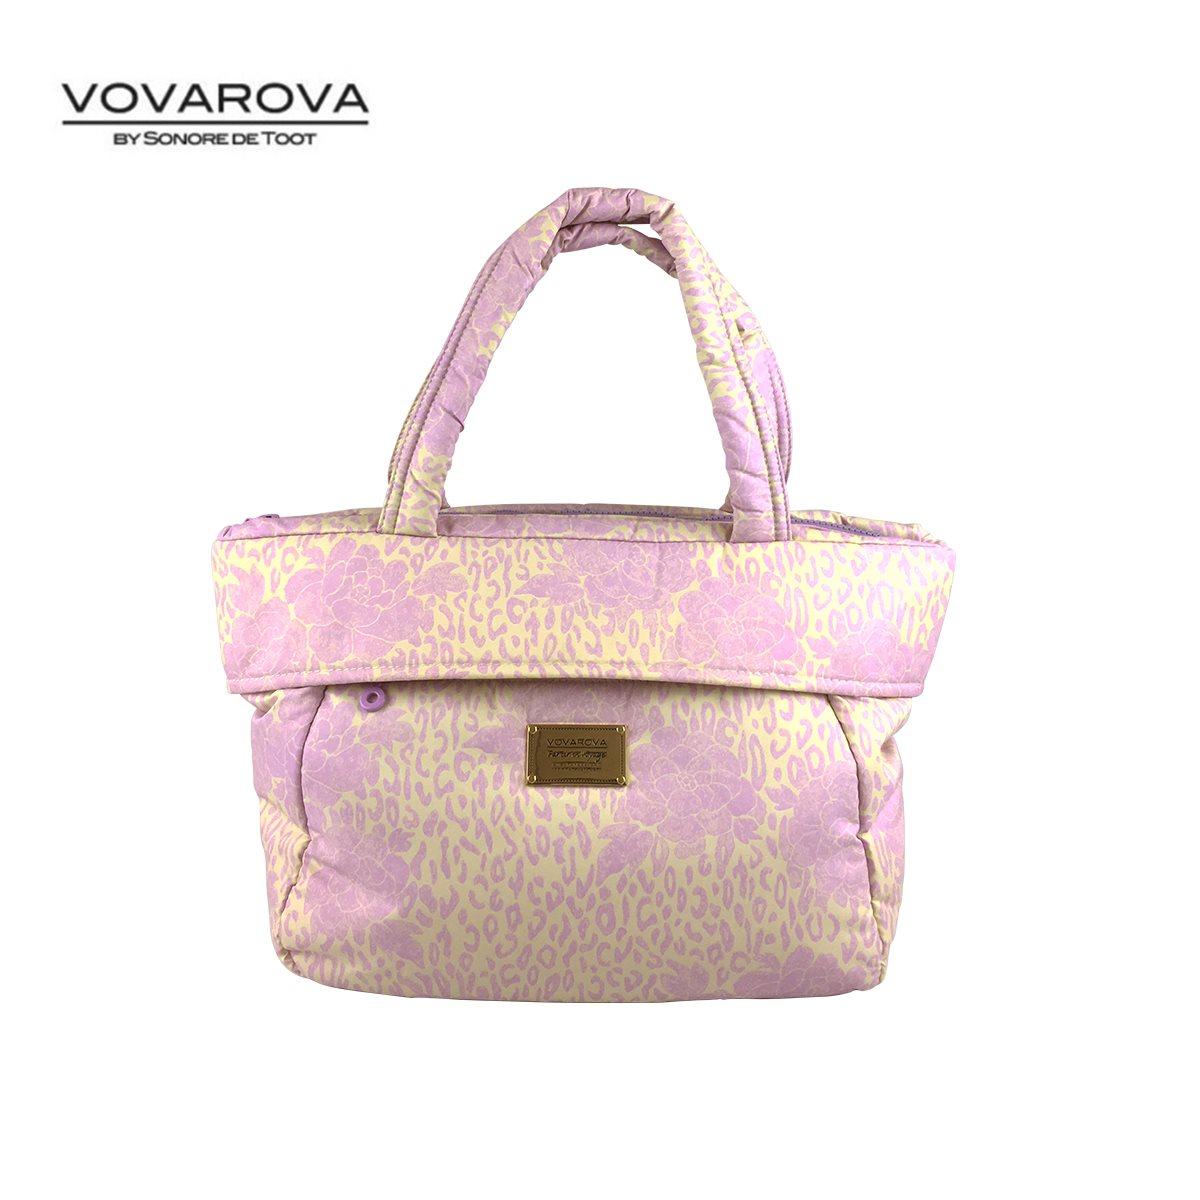 粉红色斜挎包 VOVAROVA反折邮差包粉红色运动机能背包单肩包斜挎包女士国潮包_推荐淘宝好看的粉红色斜挎包